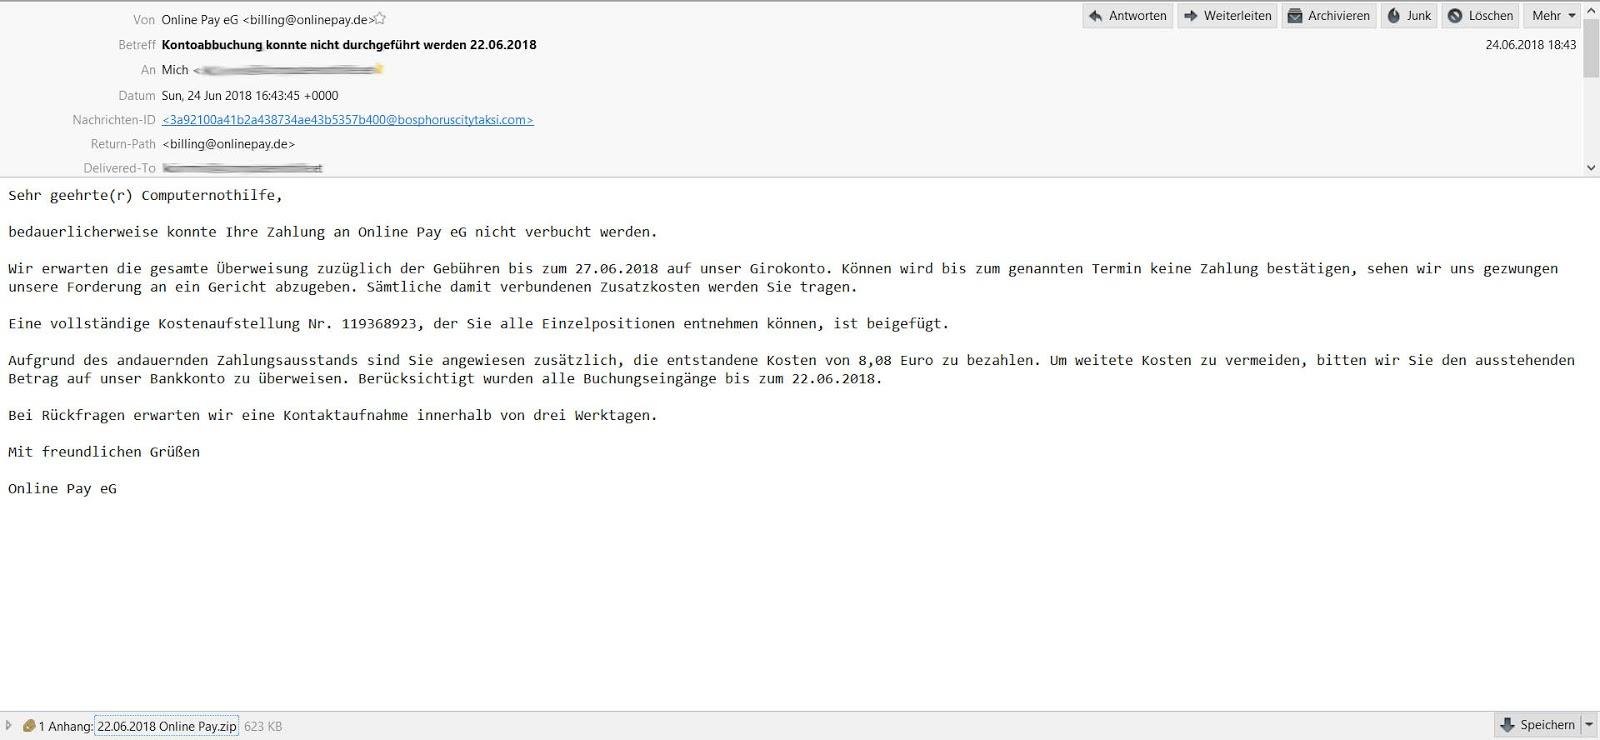 Malware Und Ich Mahnung Von Online Pay Eg